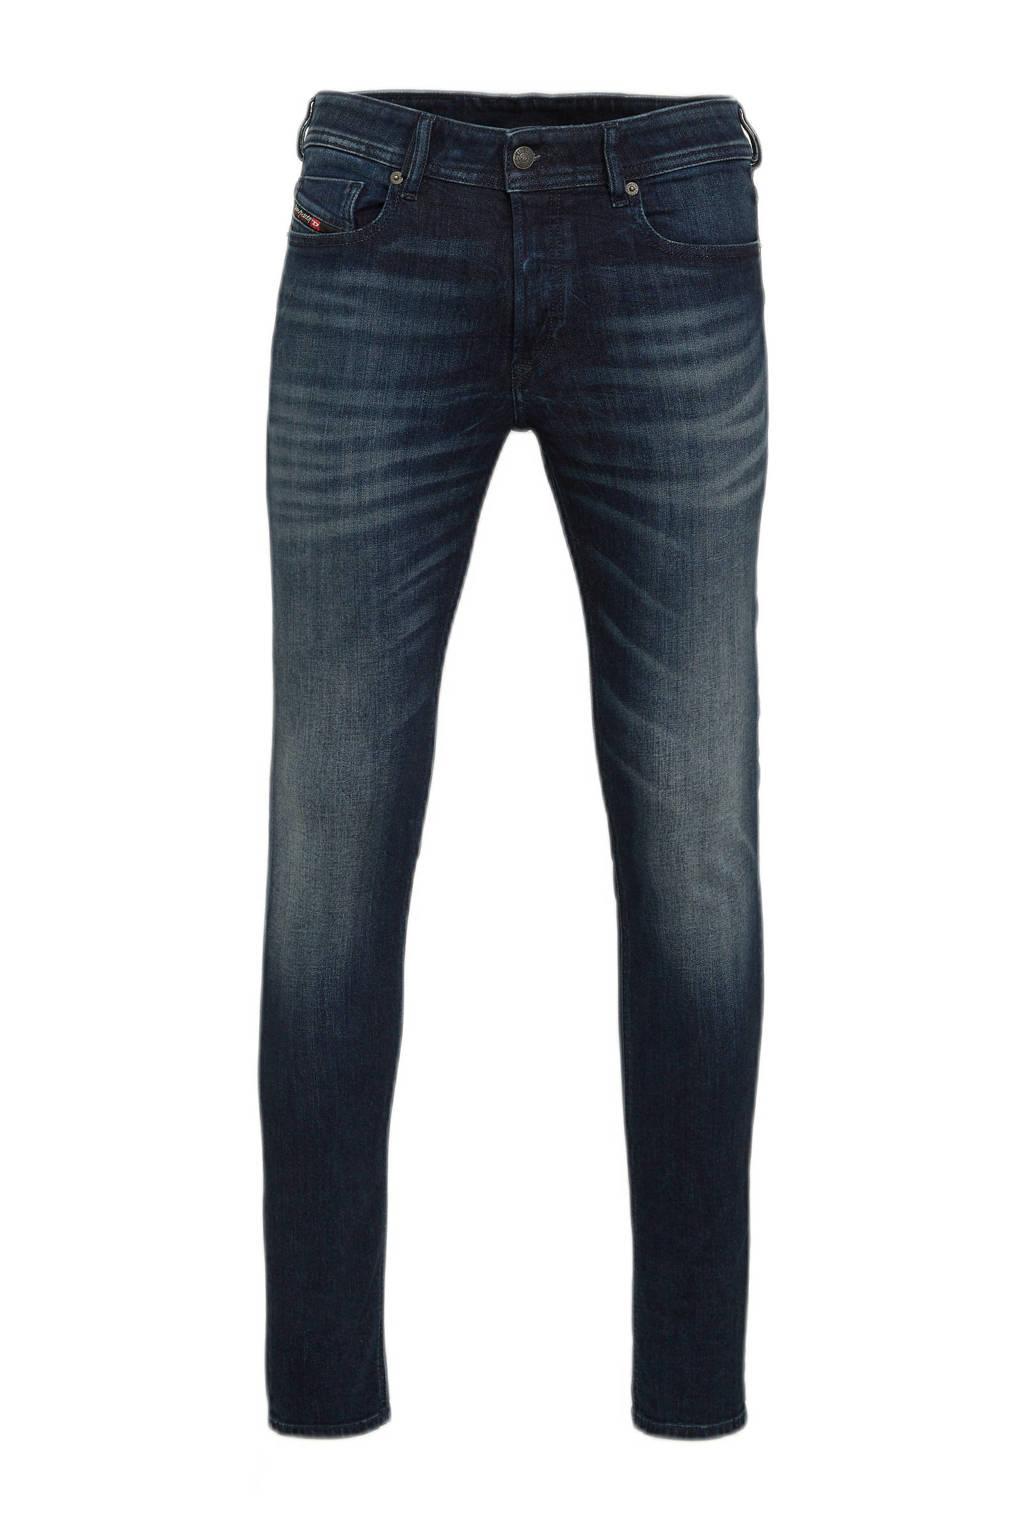 Diesel skinny jeans SLEENKER-X 01 denim, 01 Denim